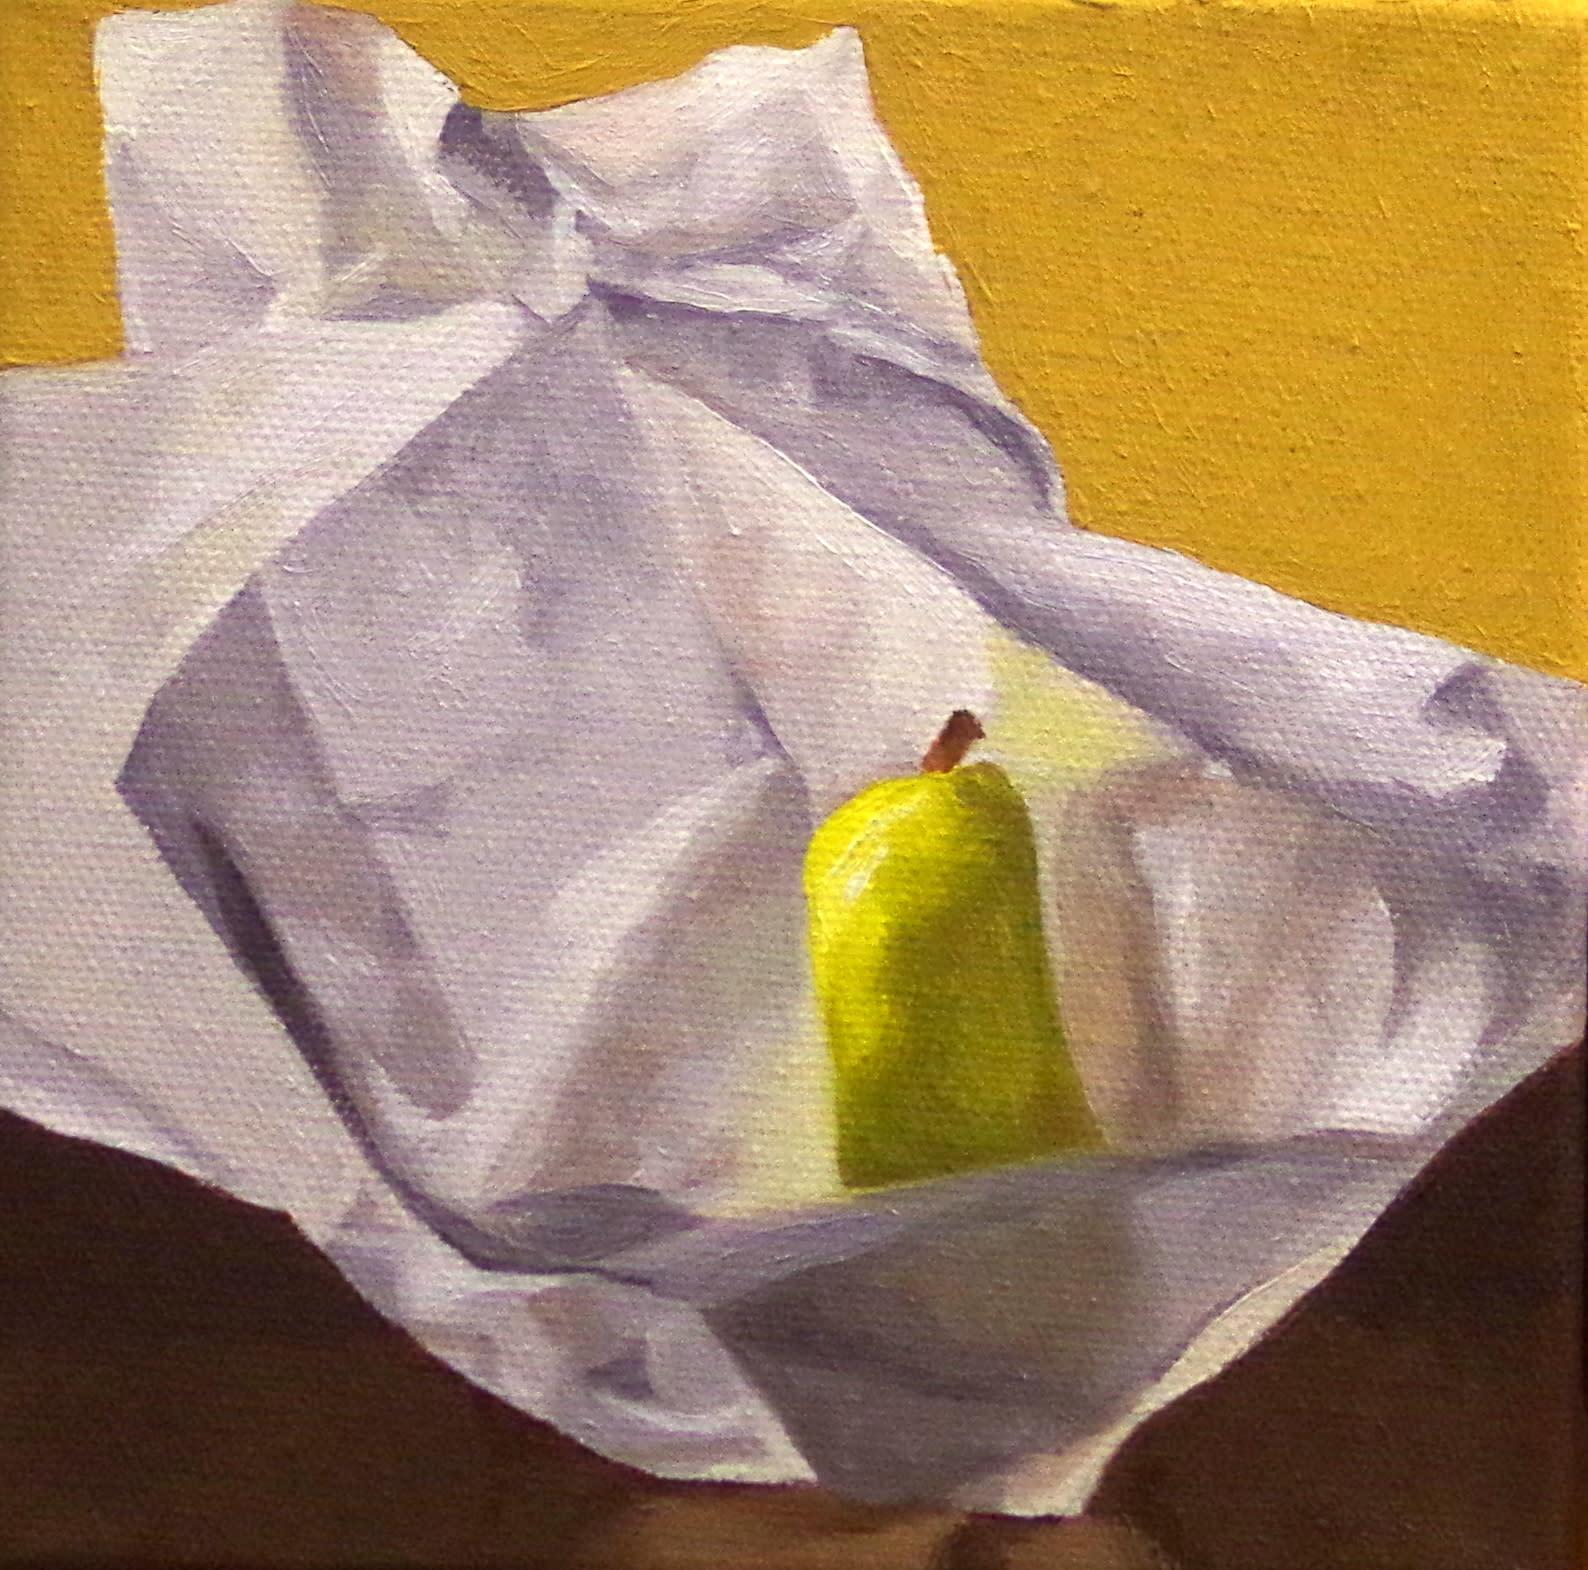 Pear in hiding rdk3io